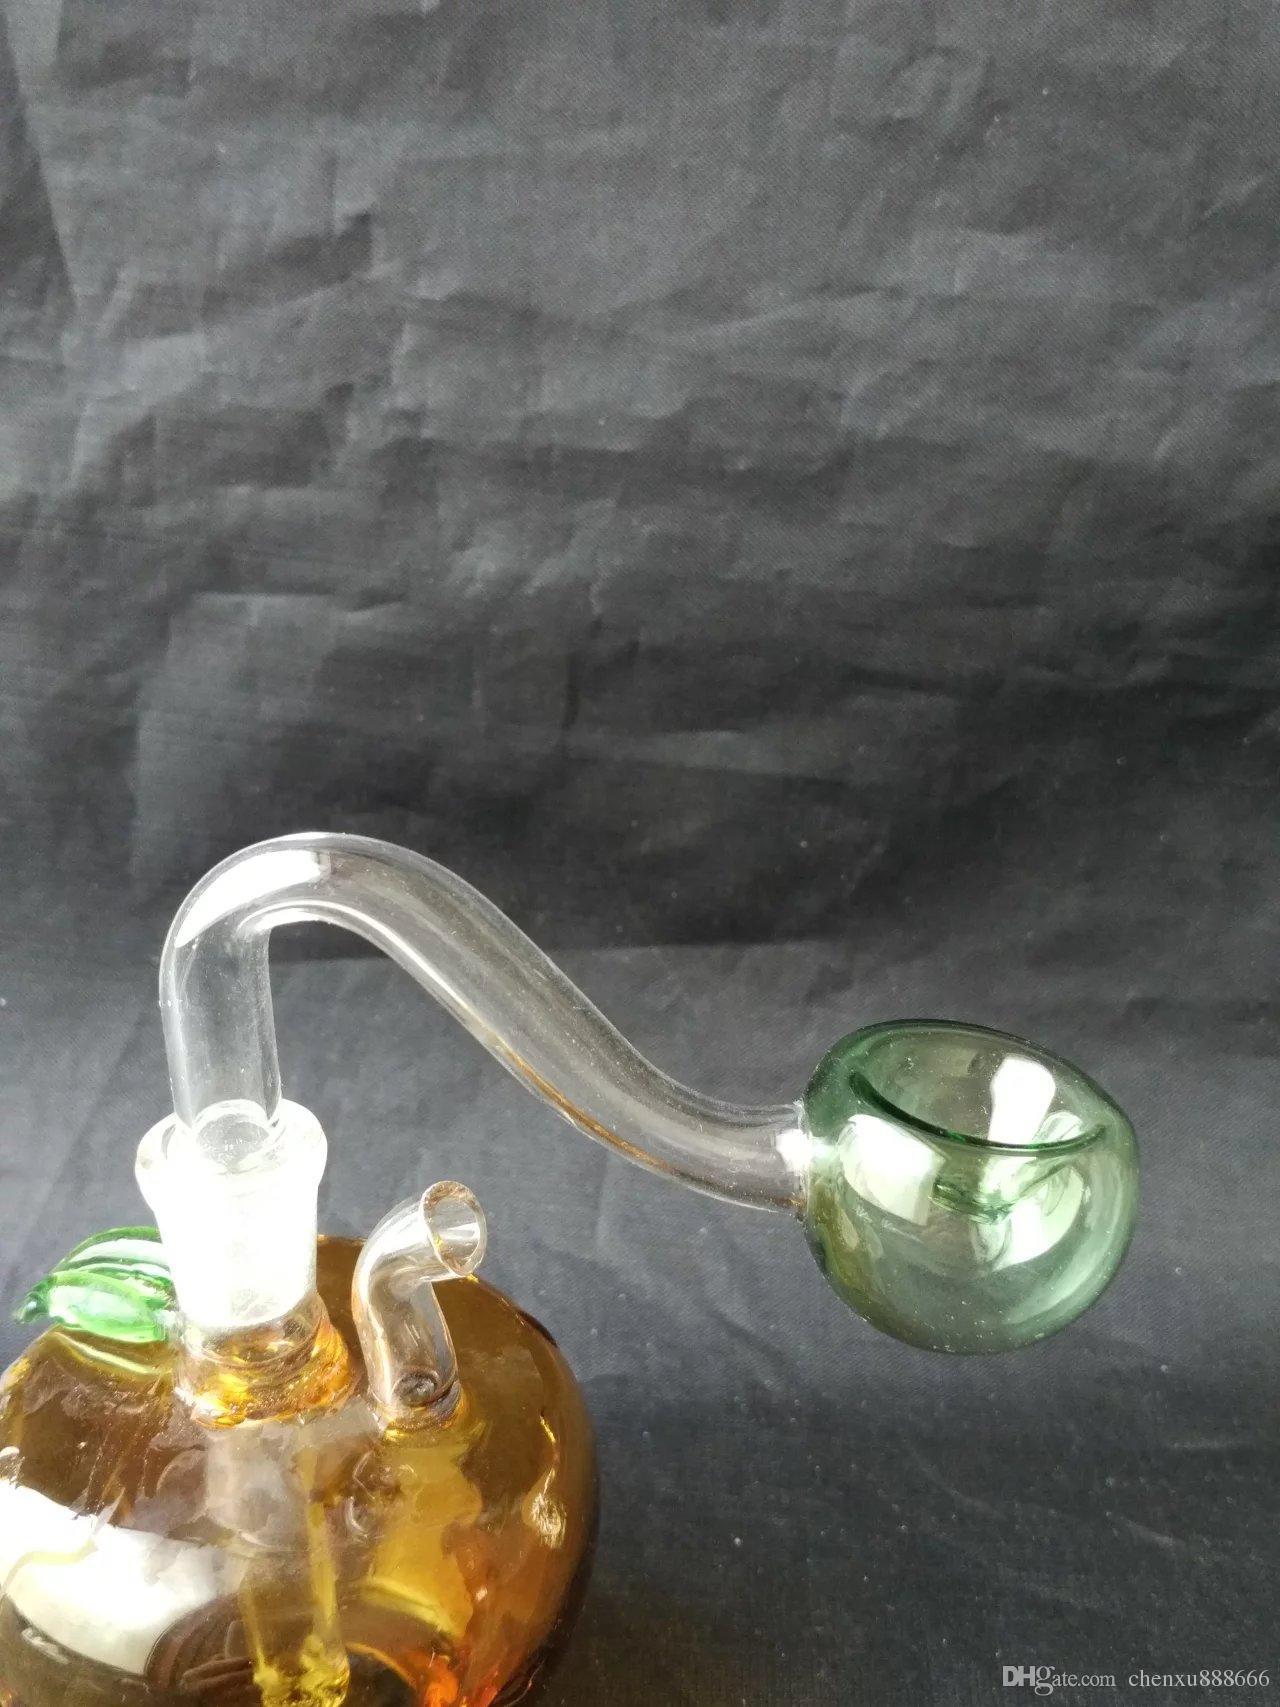 비둘기 팡 봉 액세서리, 유리 물 파이프 담배 파이프 여과기 유리 봉 석유 버너 물 파이프 Dougper